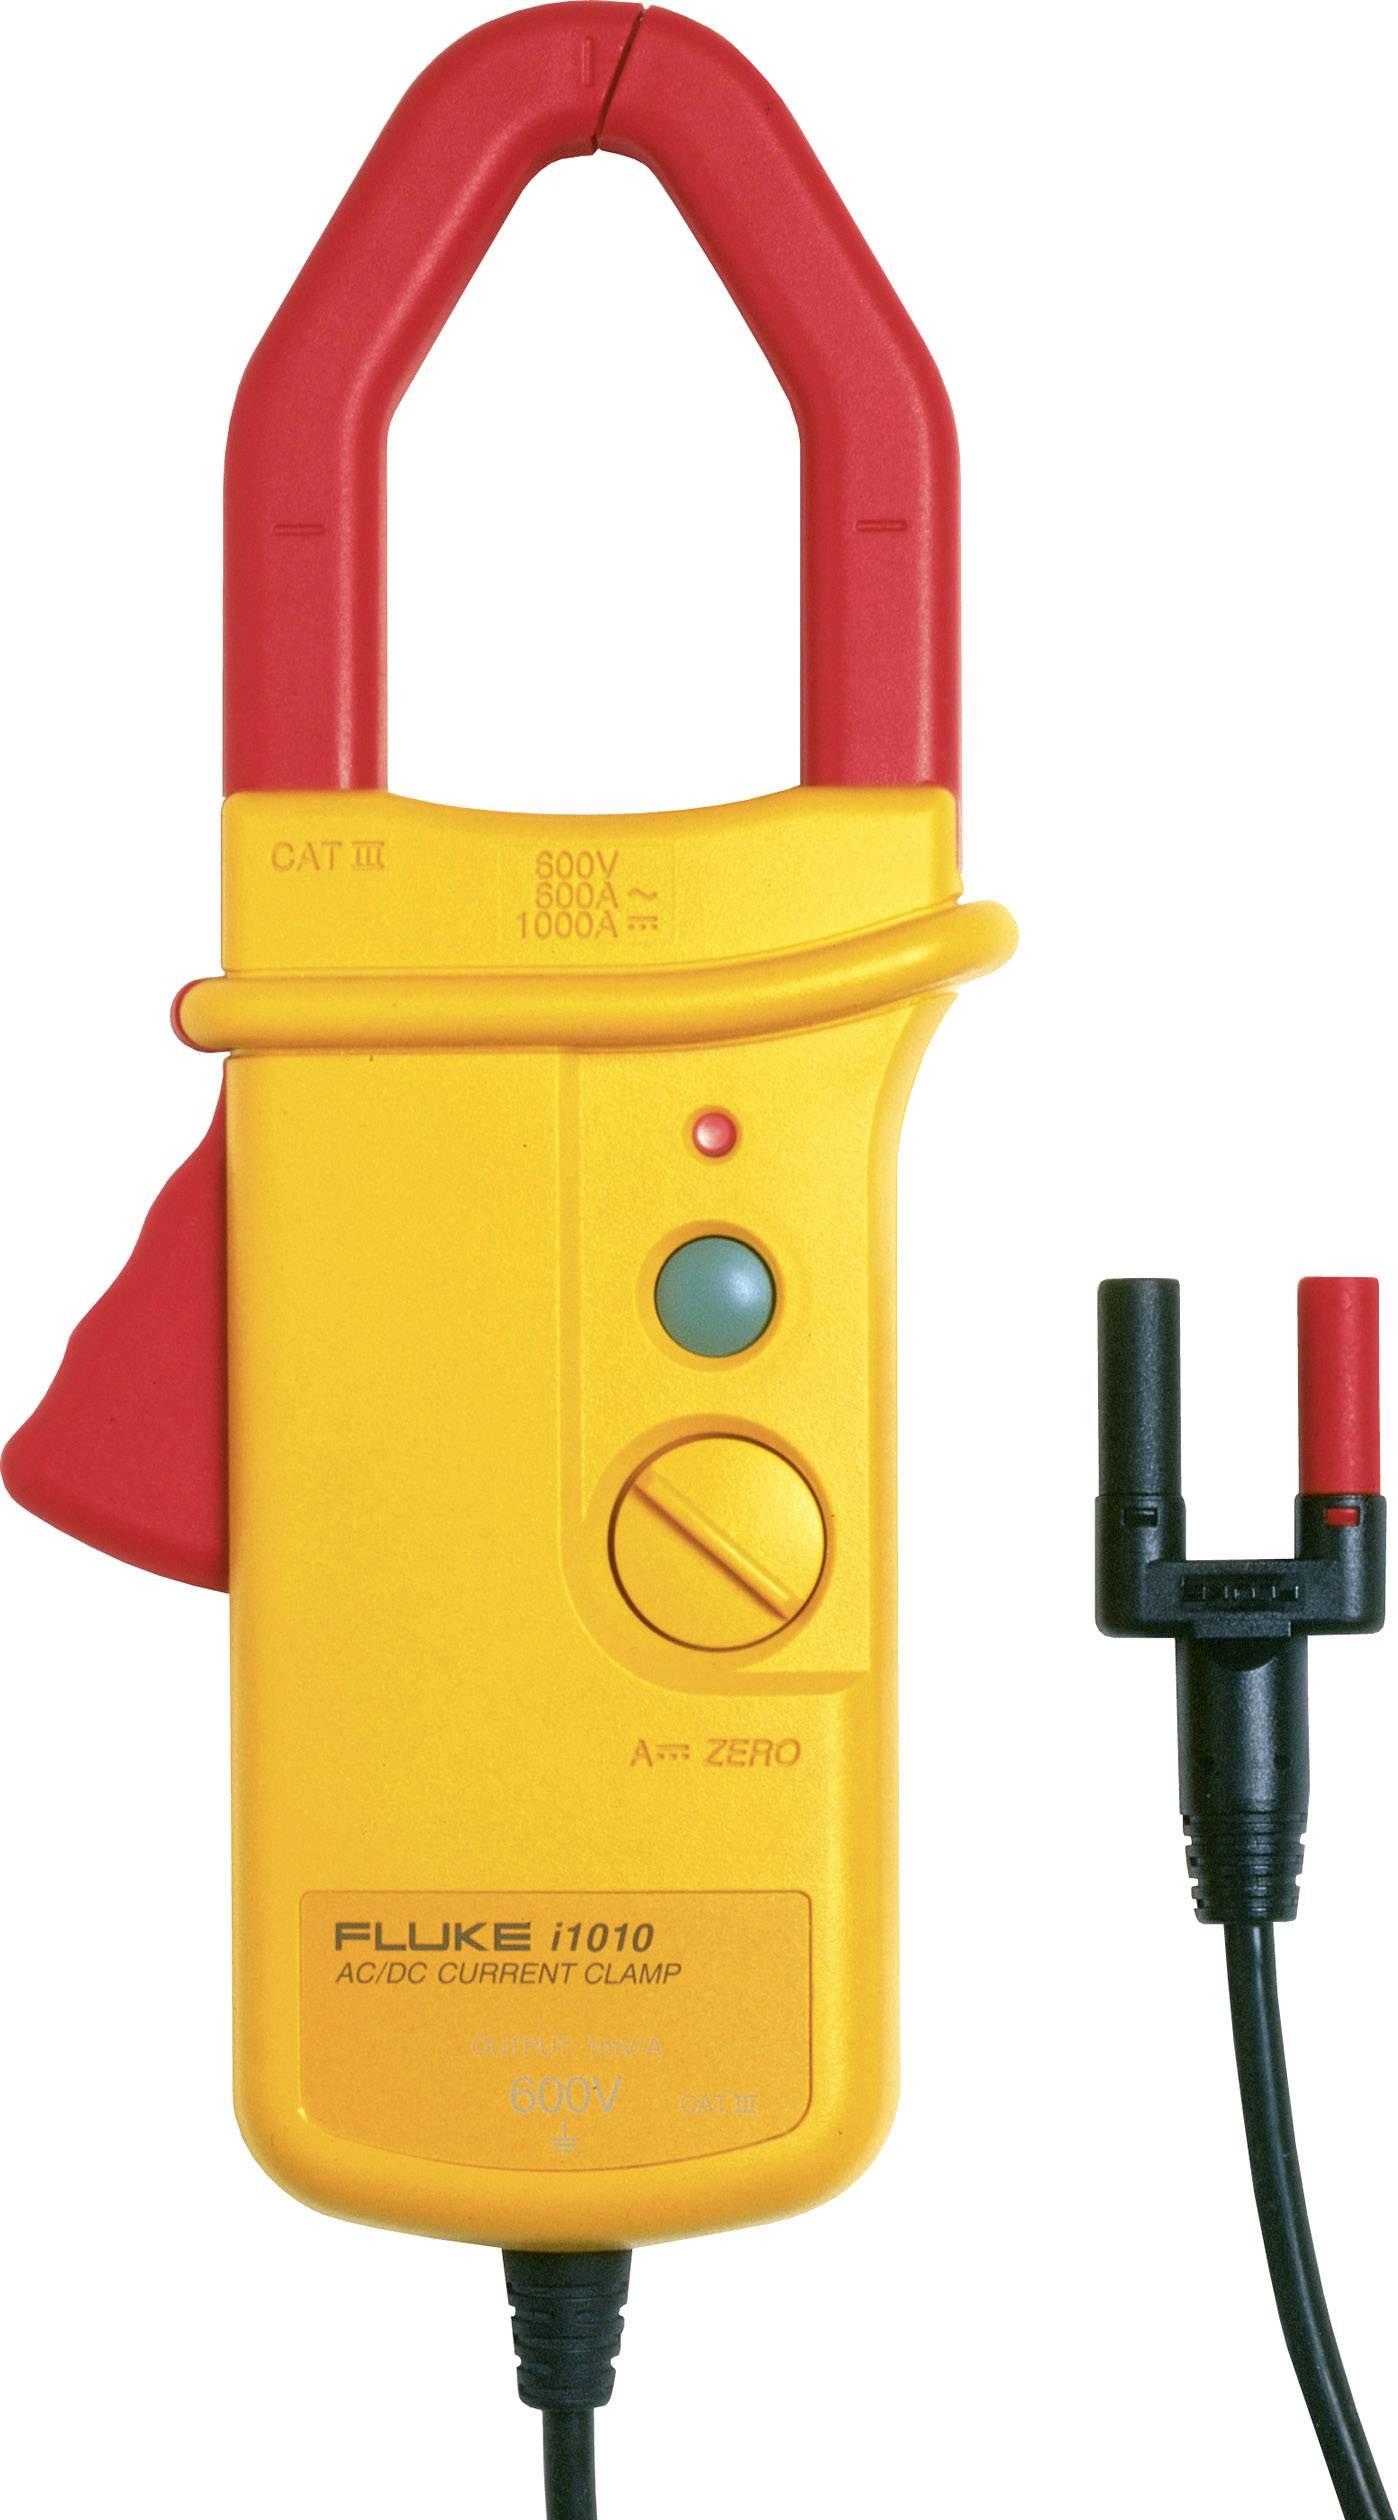 Klešťový proudový adaptér Fluke i1010, 30 mm, bez certifikátu